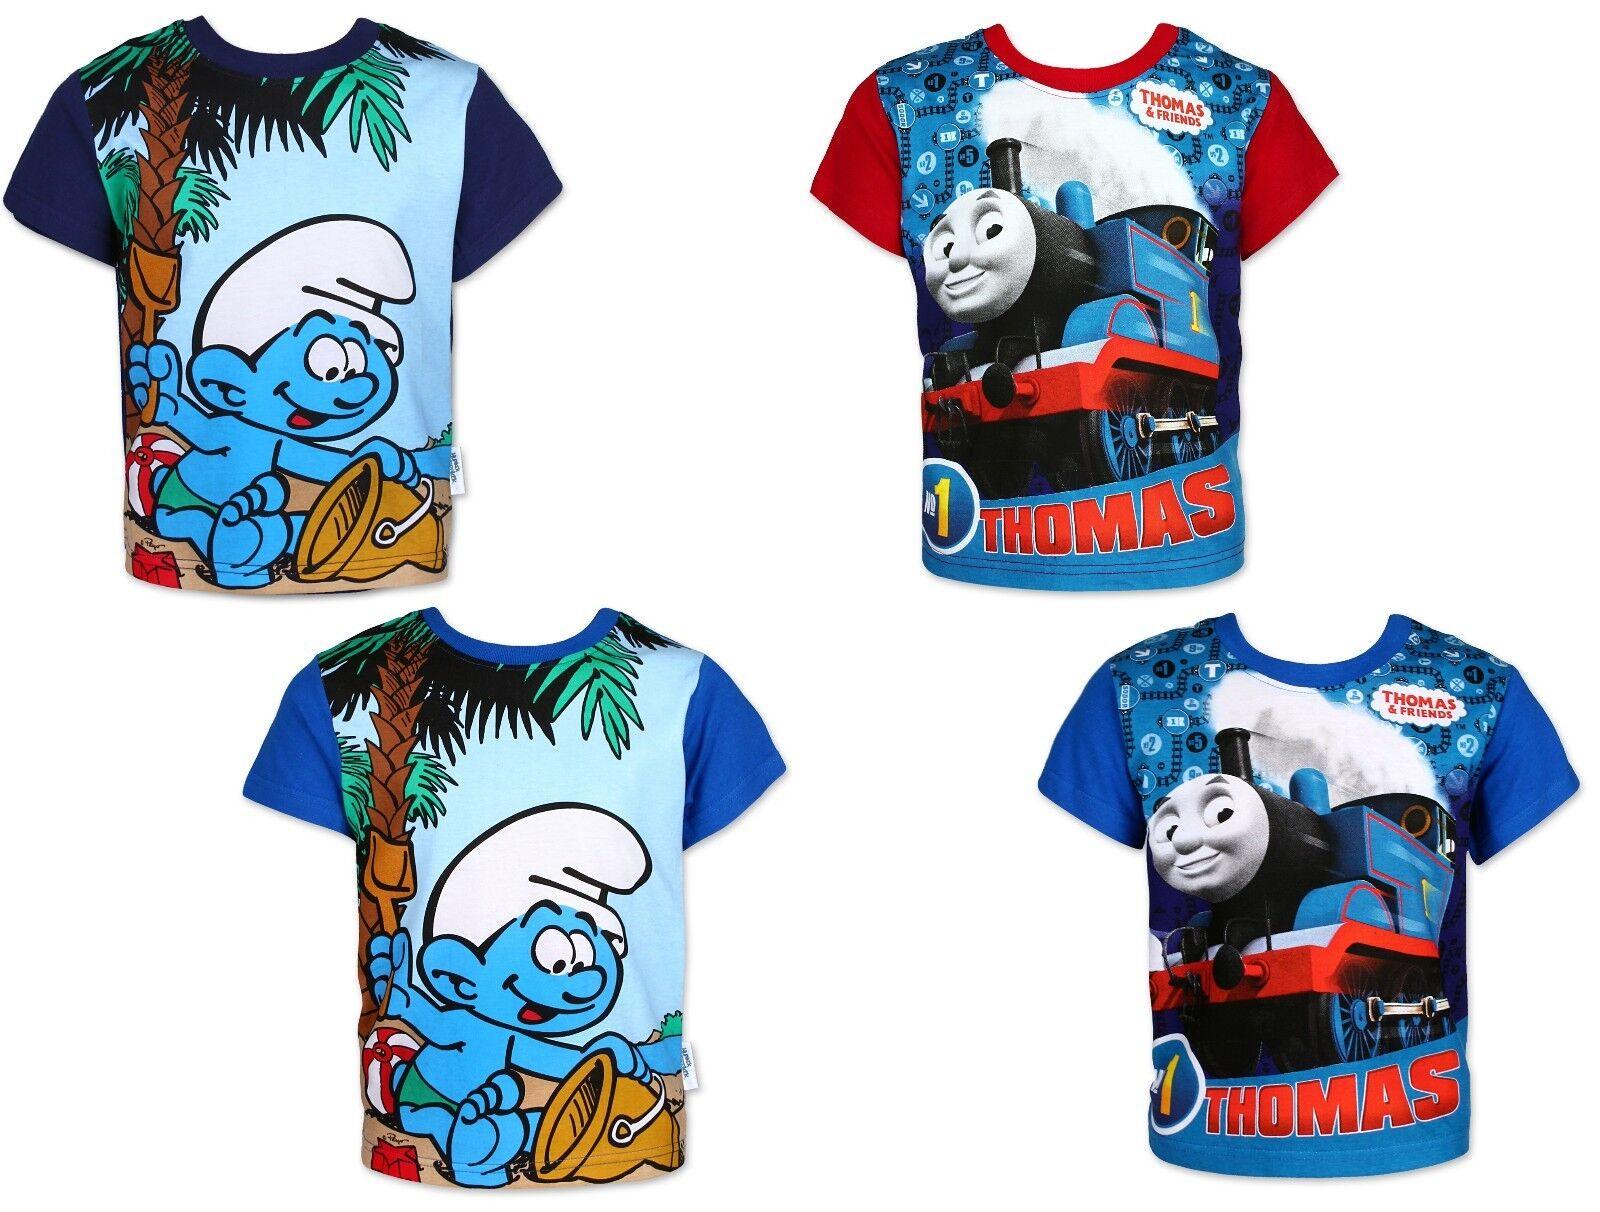 Thomas und seine Freunde Die Schlümpfe T-Shirt 92-116 kurzarm Junge Kinder Shirt